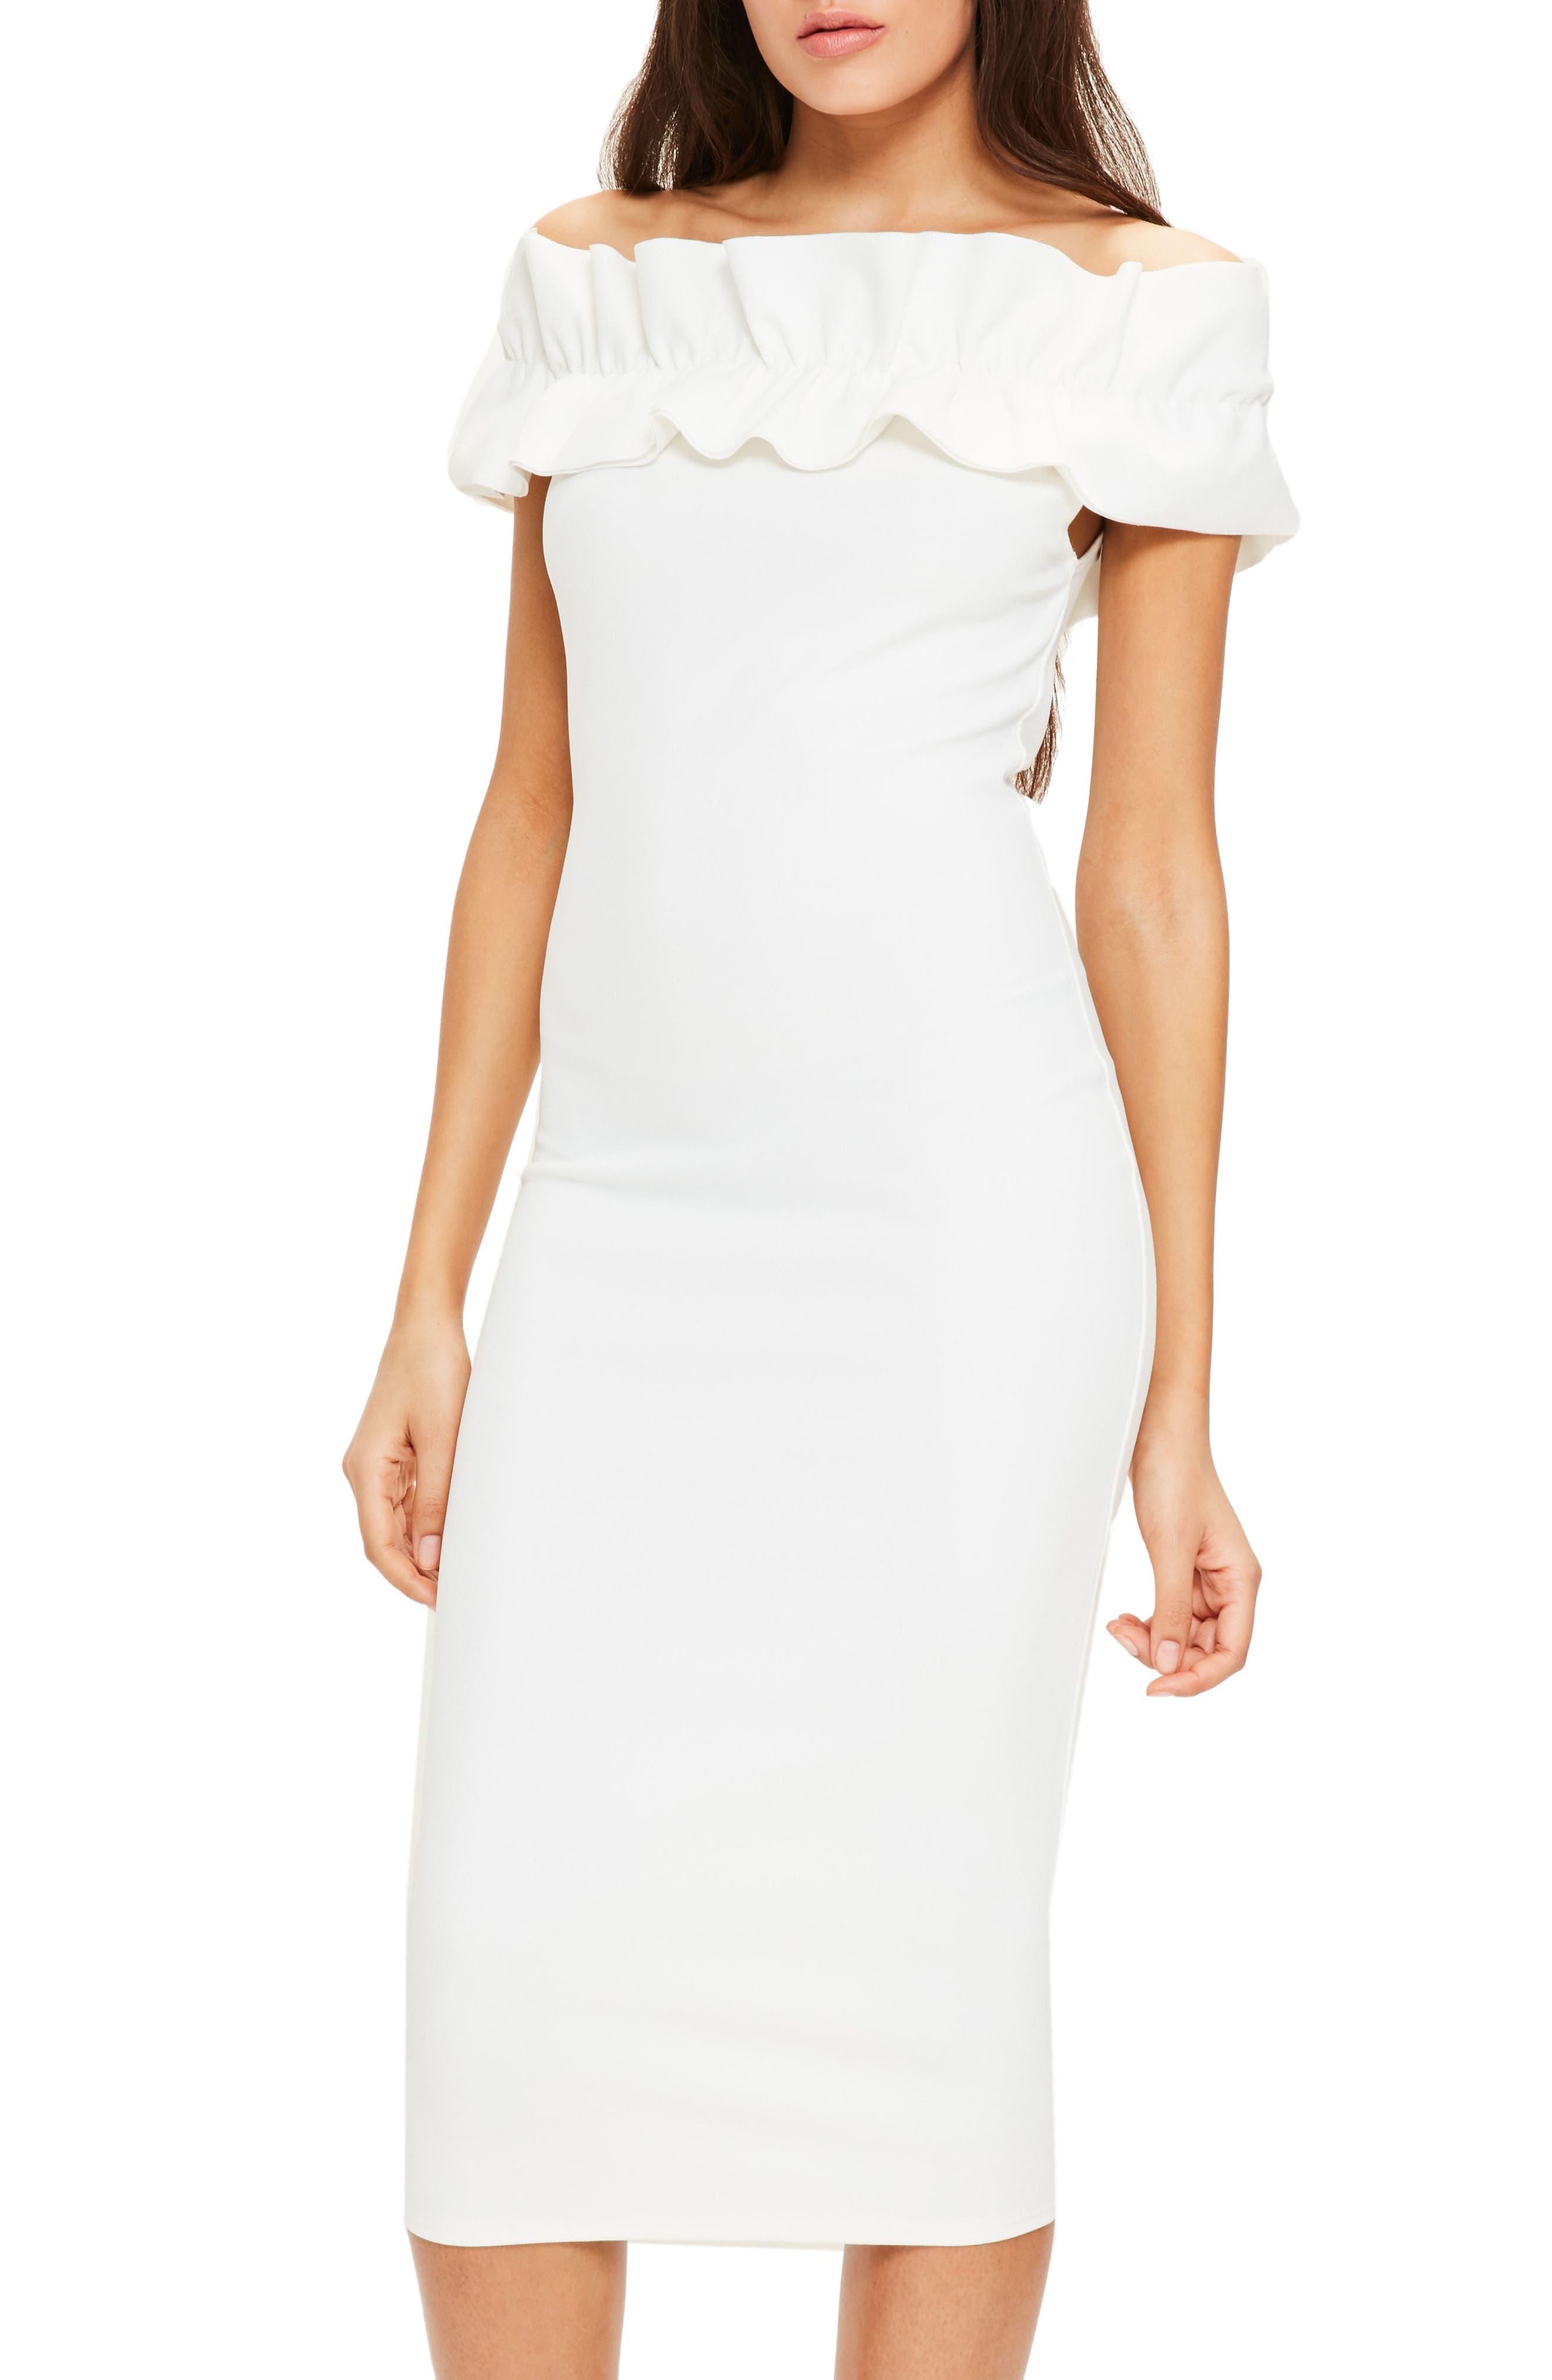 Alternate Image 1 Selected - Missguided Bardot Off the Shoulder Dress